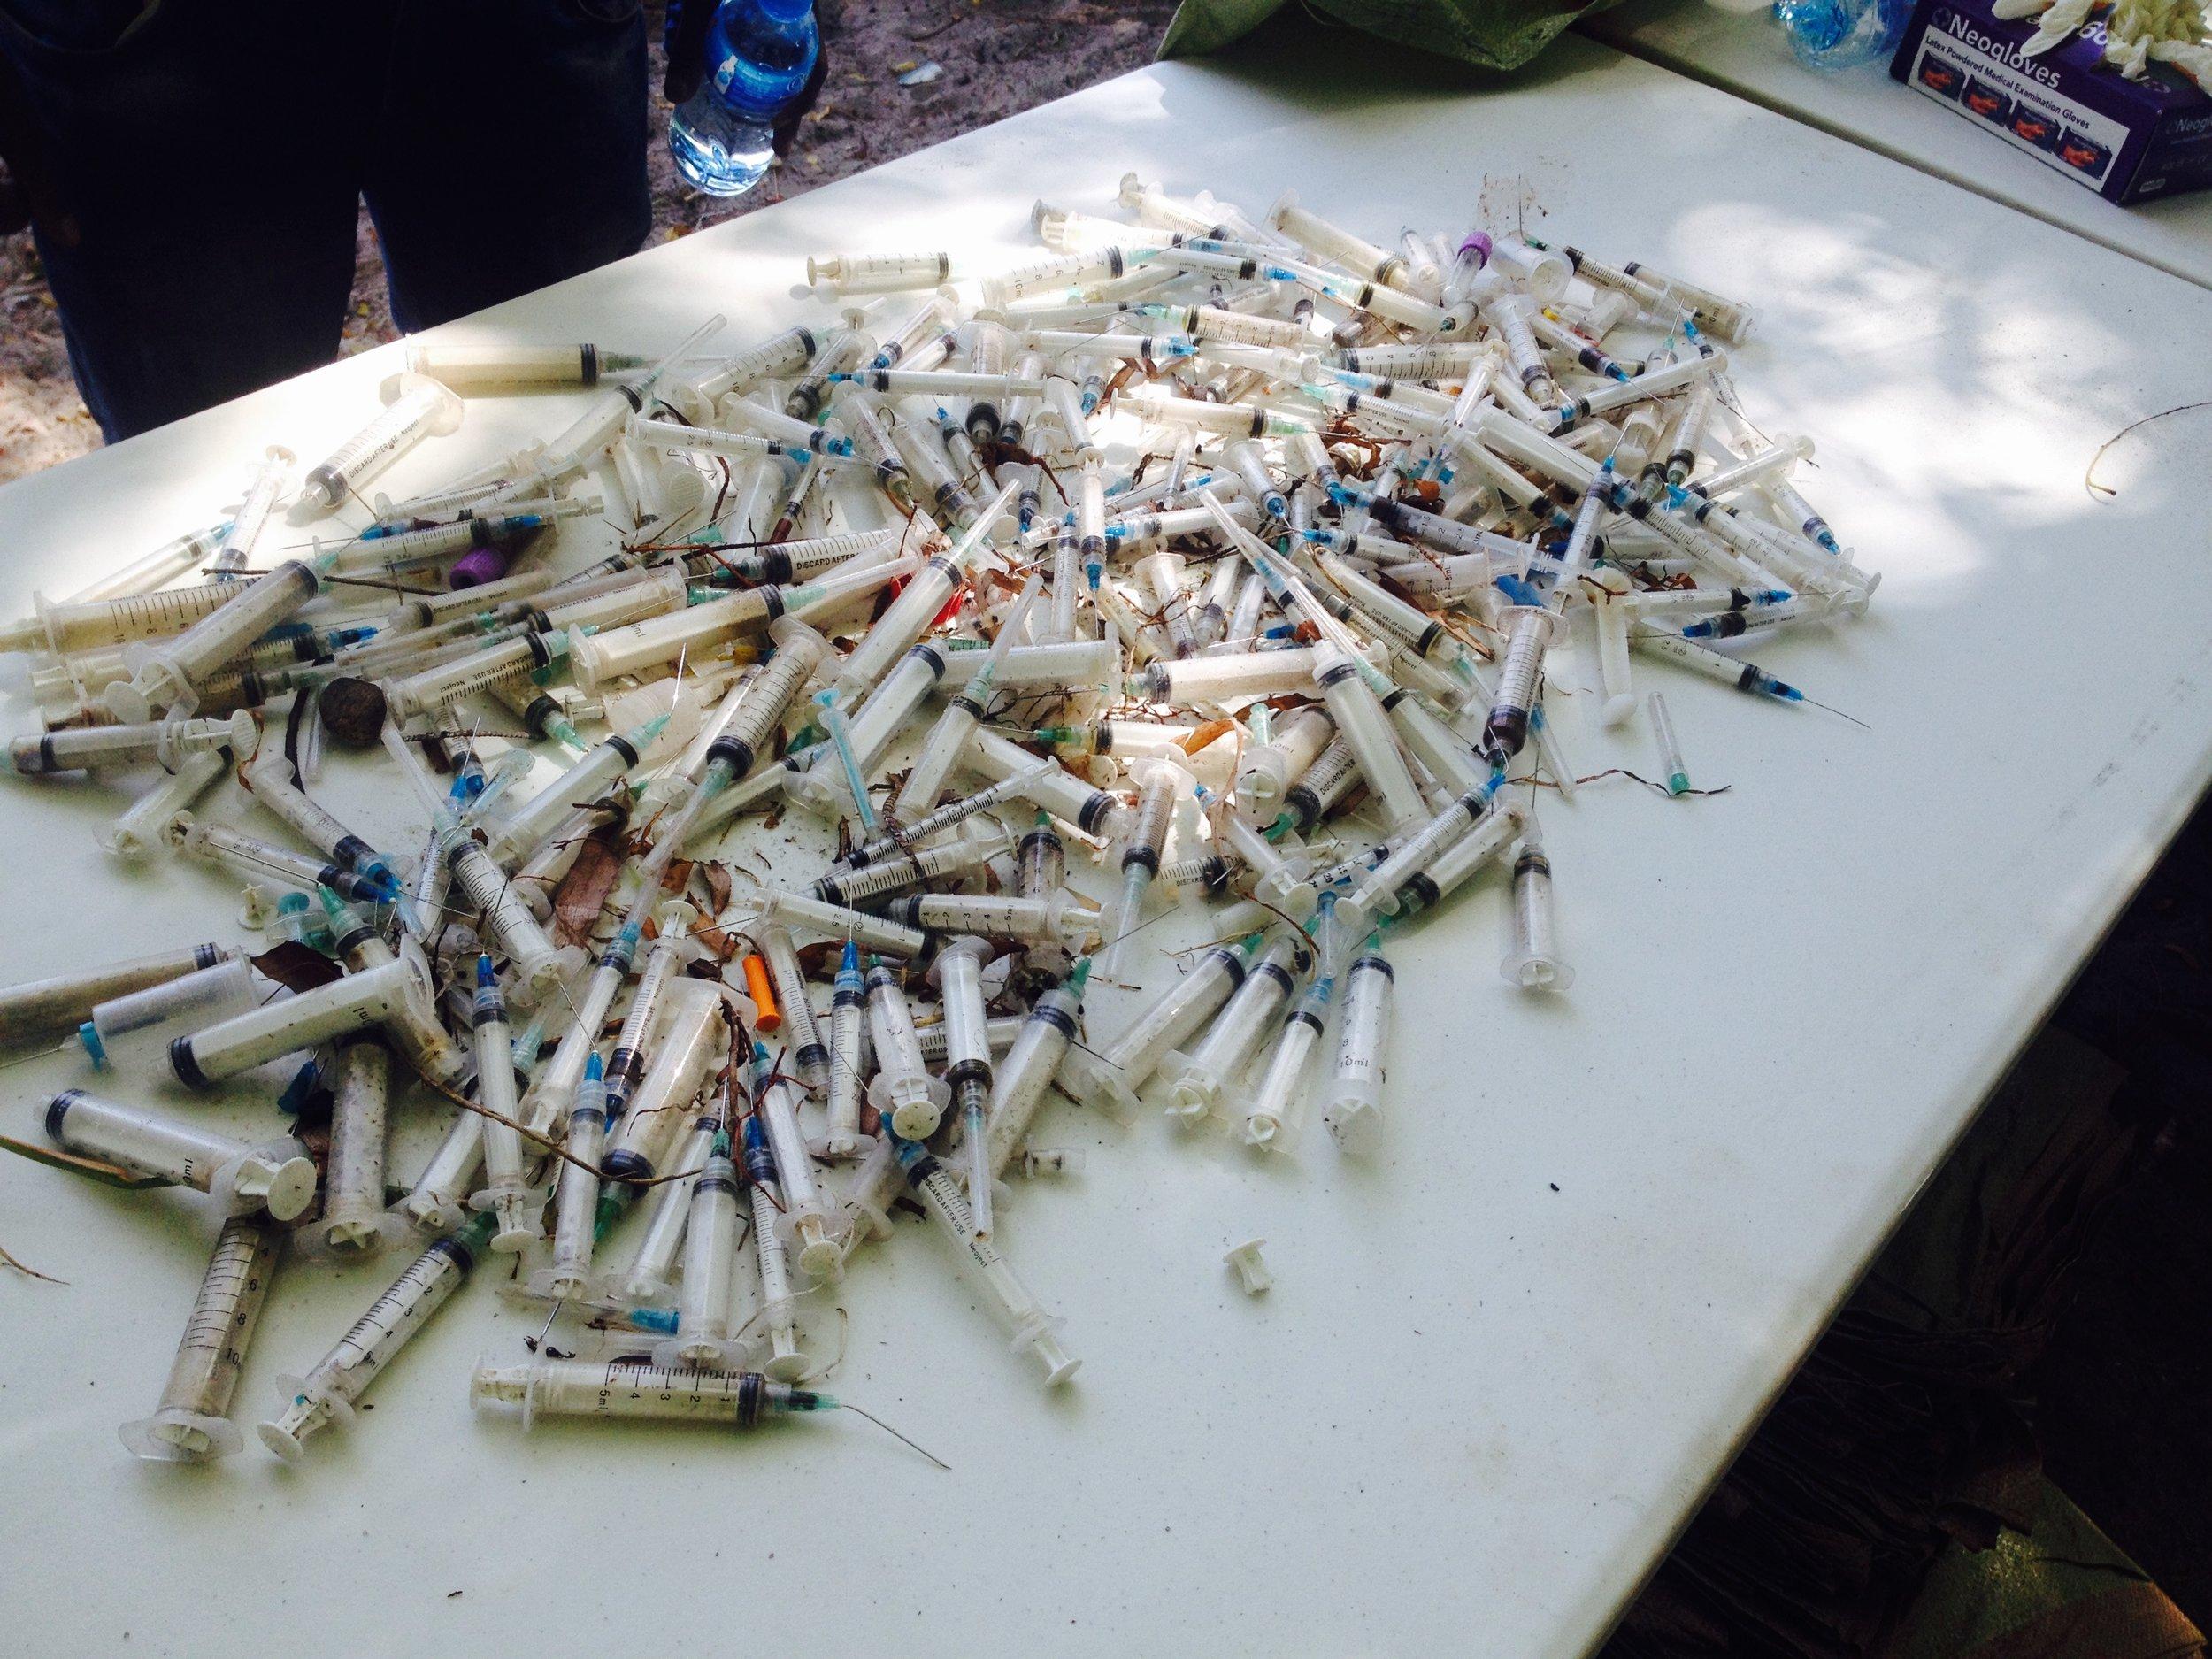 Needles found on Msasani Beach in Dar es Salaam